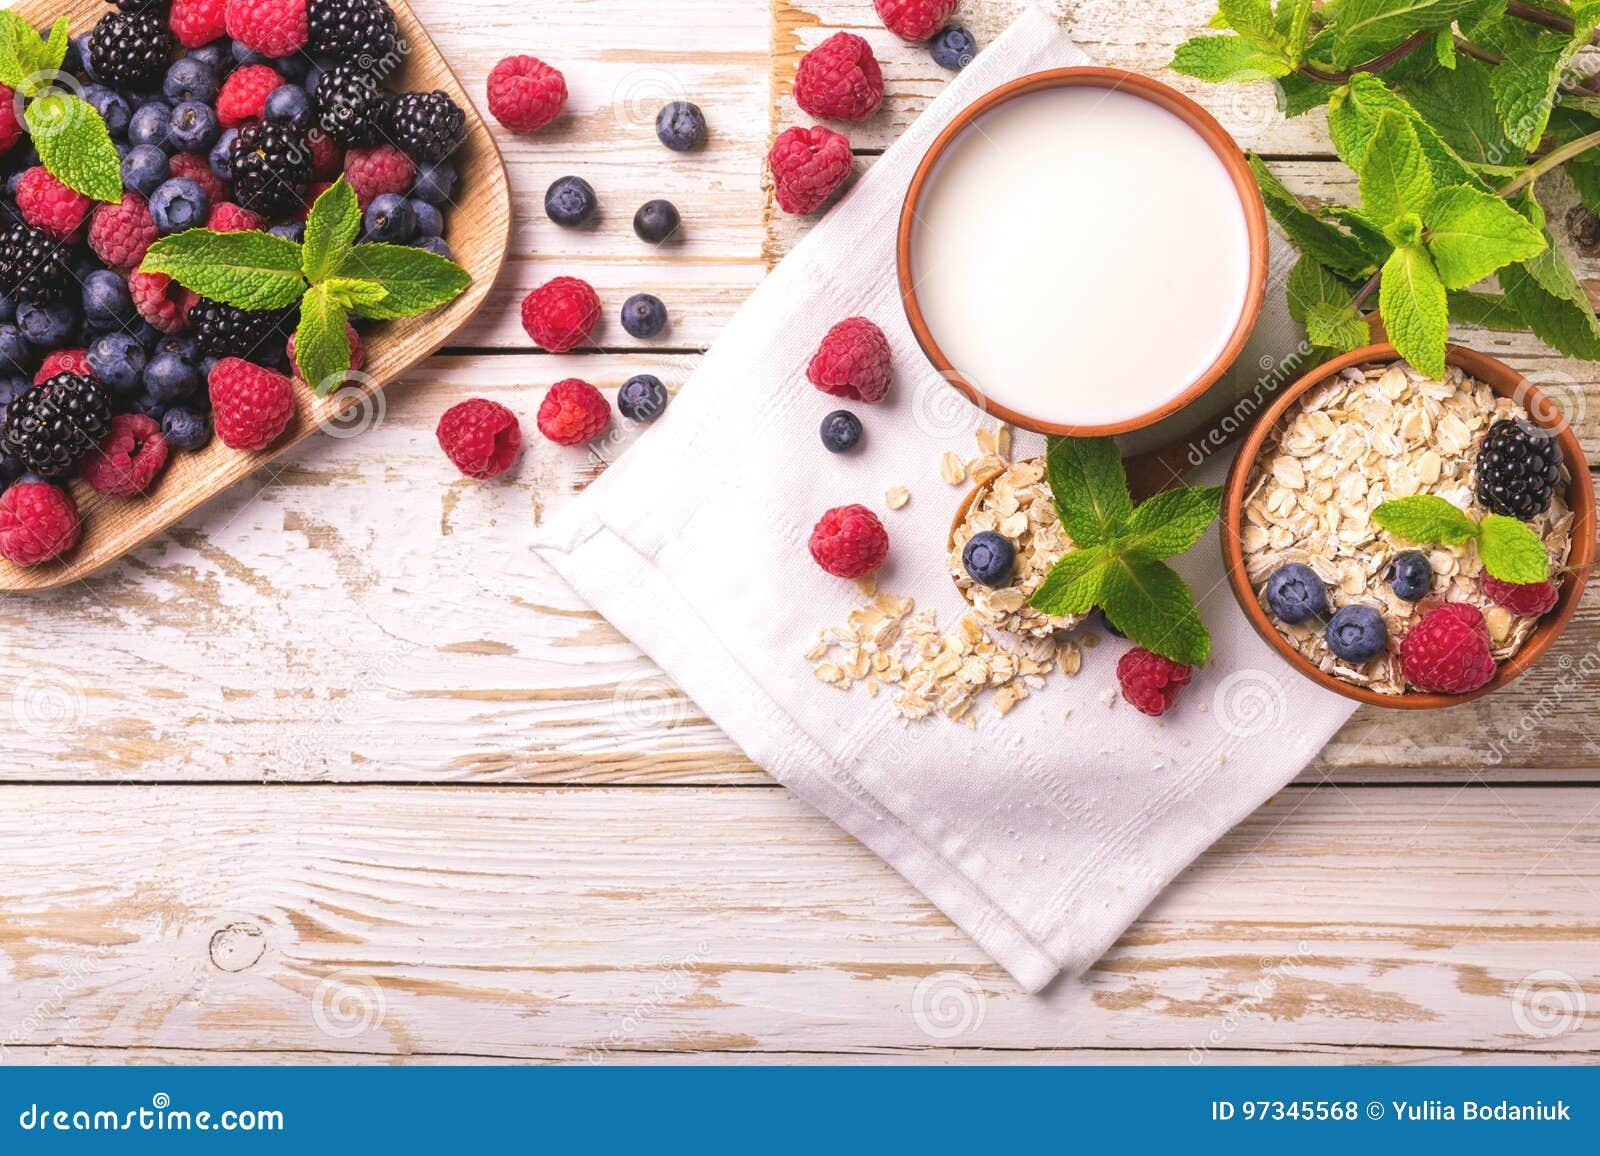 Himbeere, Brombeere und Blaubeere, Hafermehlfrühstück mit Milch